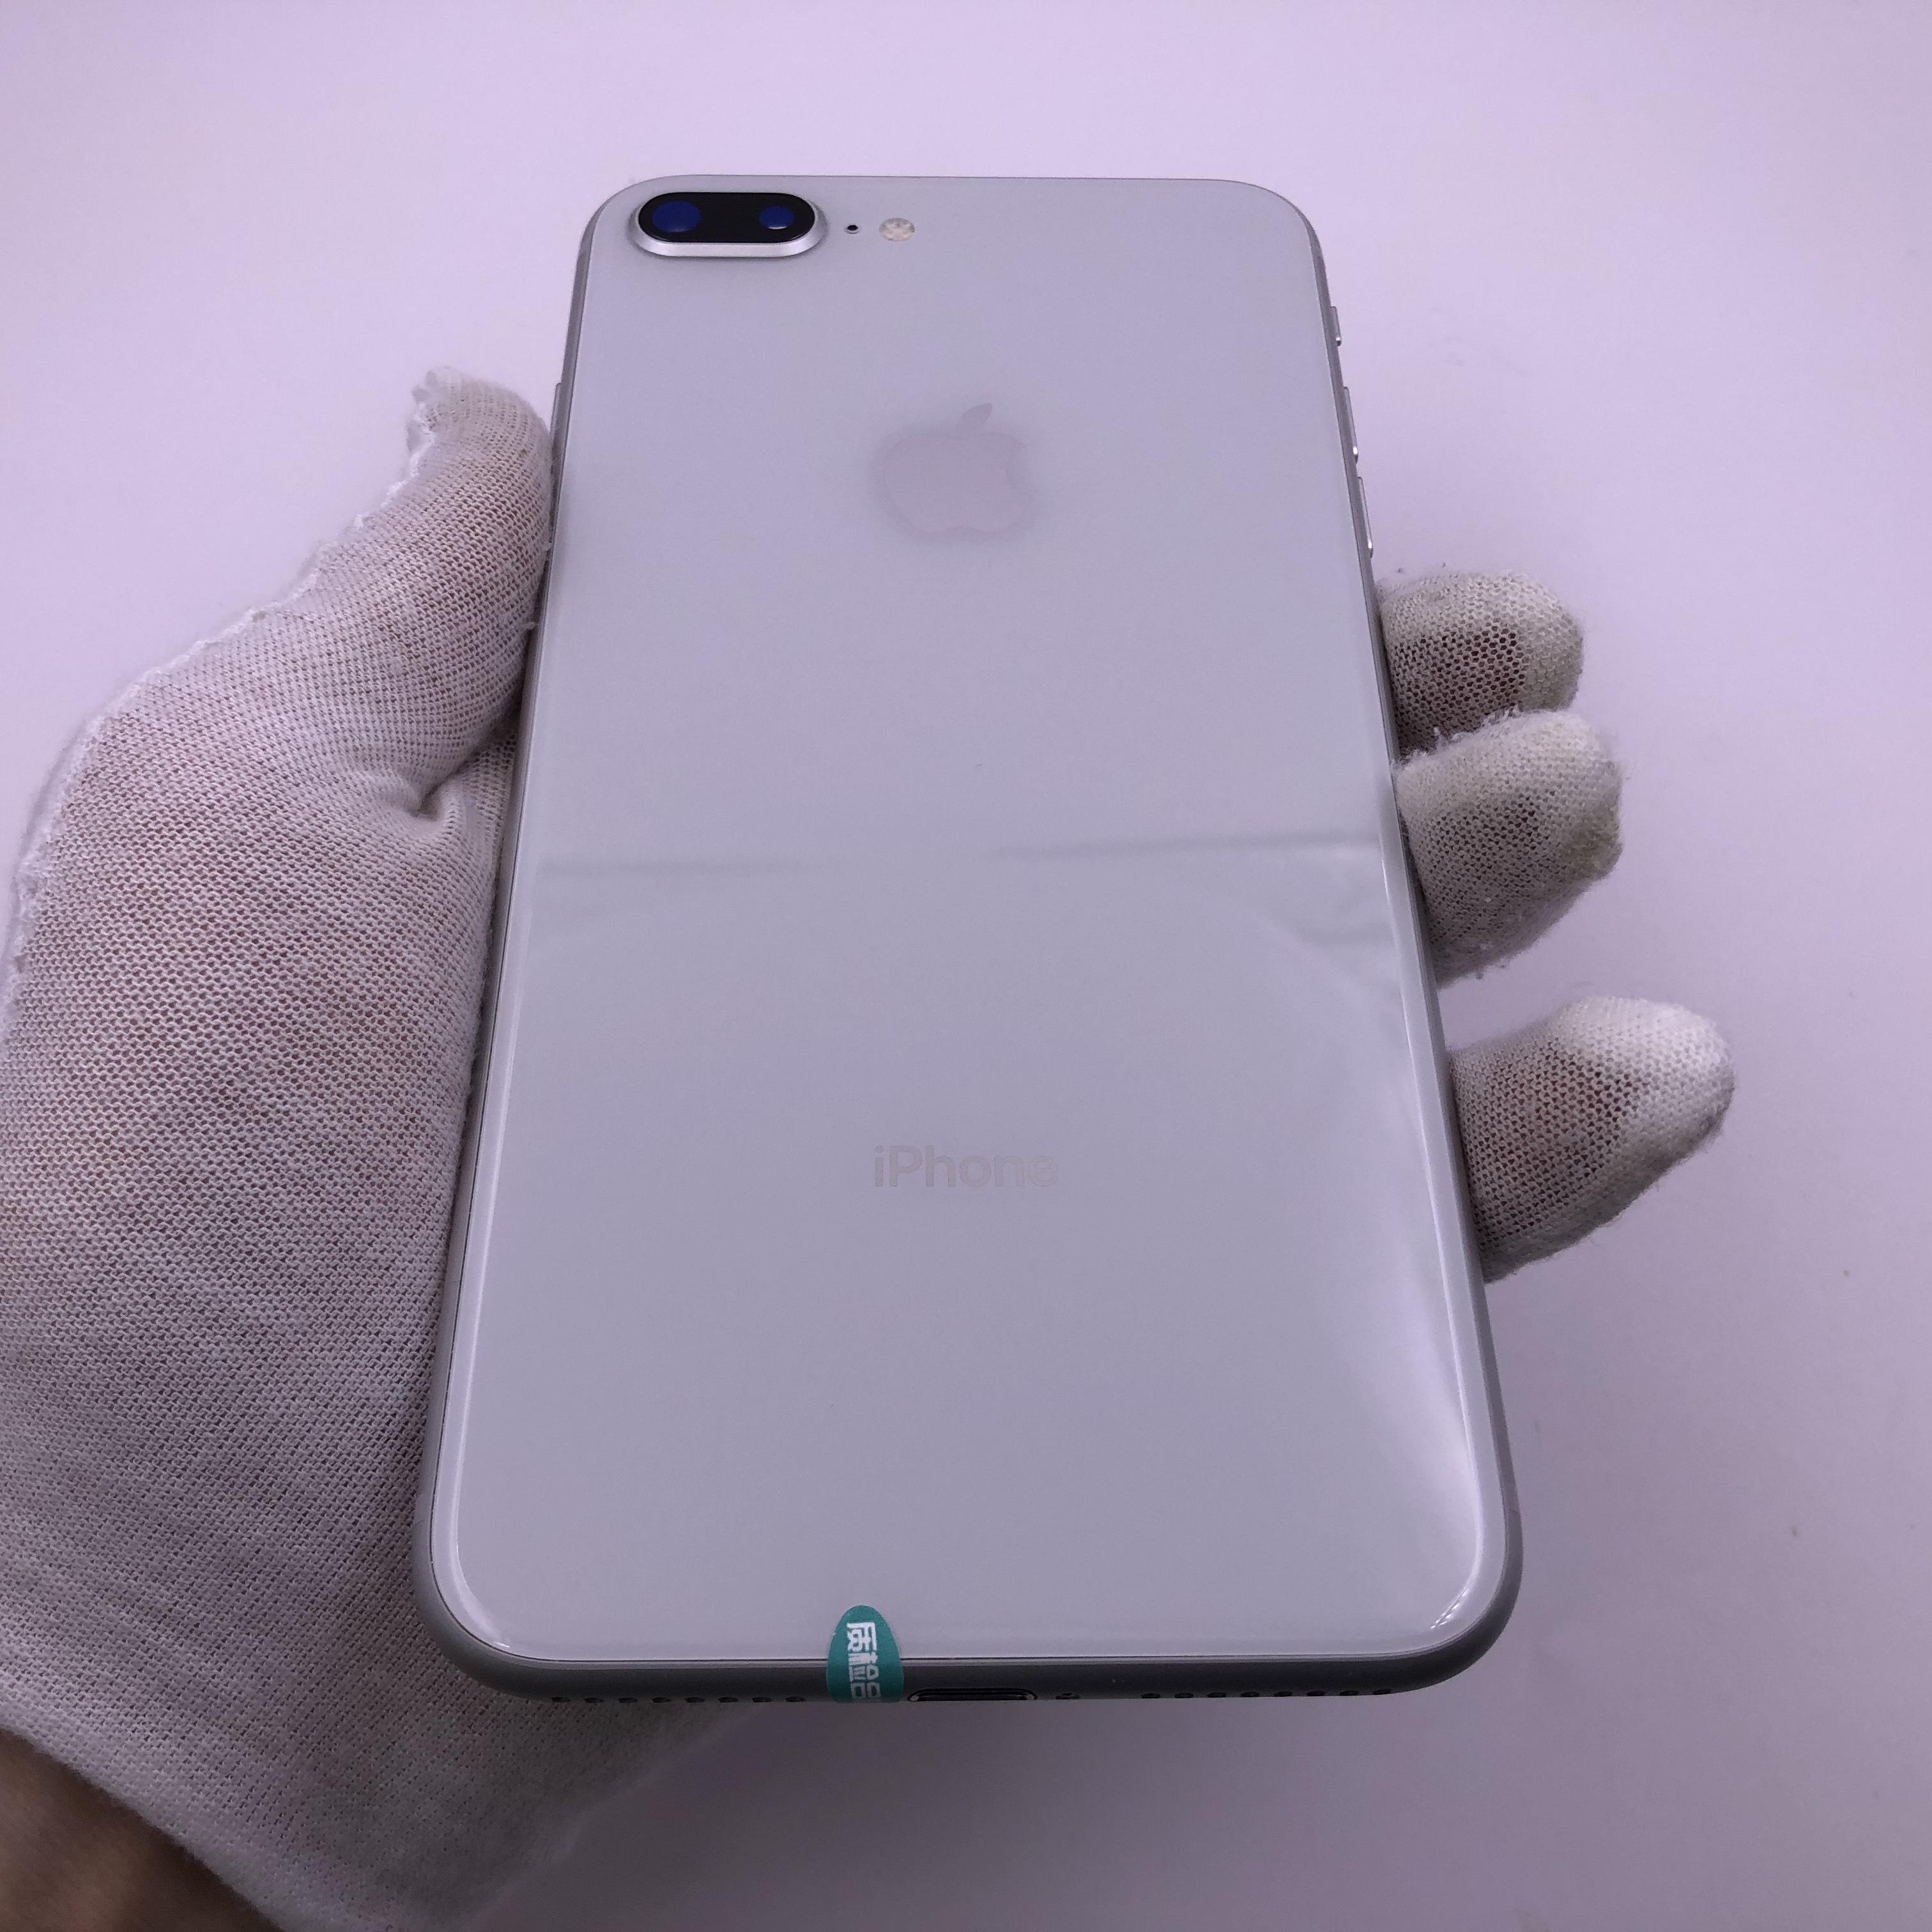 苹果【iPhone 8 Plus】4G全网通 银色 64G 国行 9成新